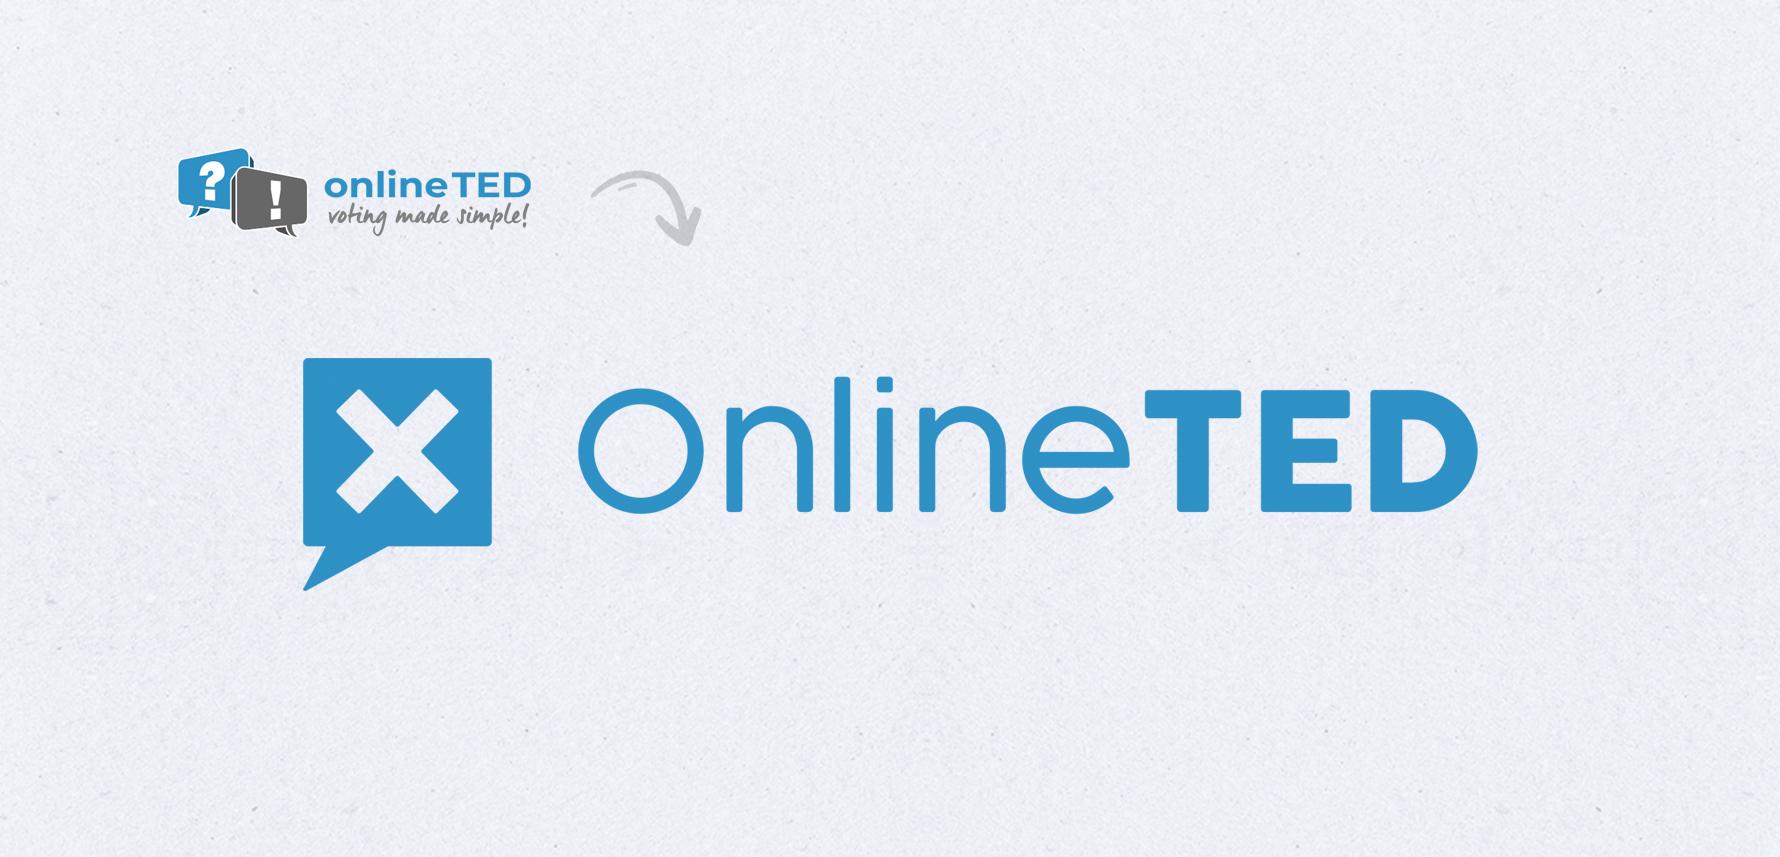 Hüfner Design   Referenz OnlineTED   Redesign